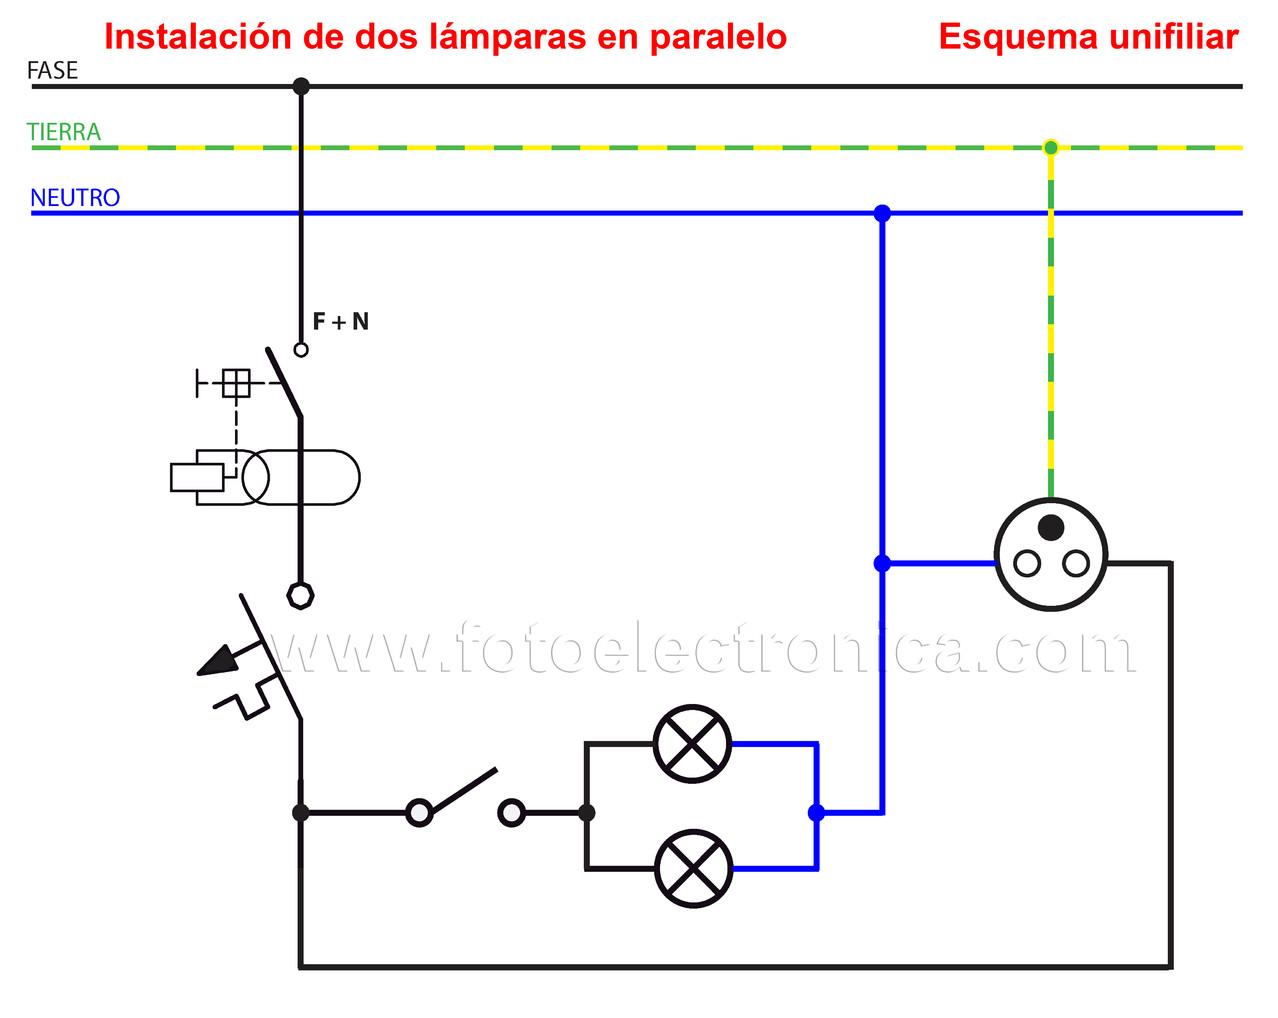 Circuito Paralelo : Instalación de dos lámparas en paralelo electrónica y